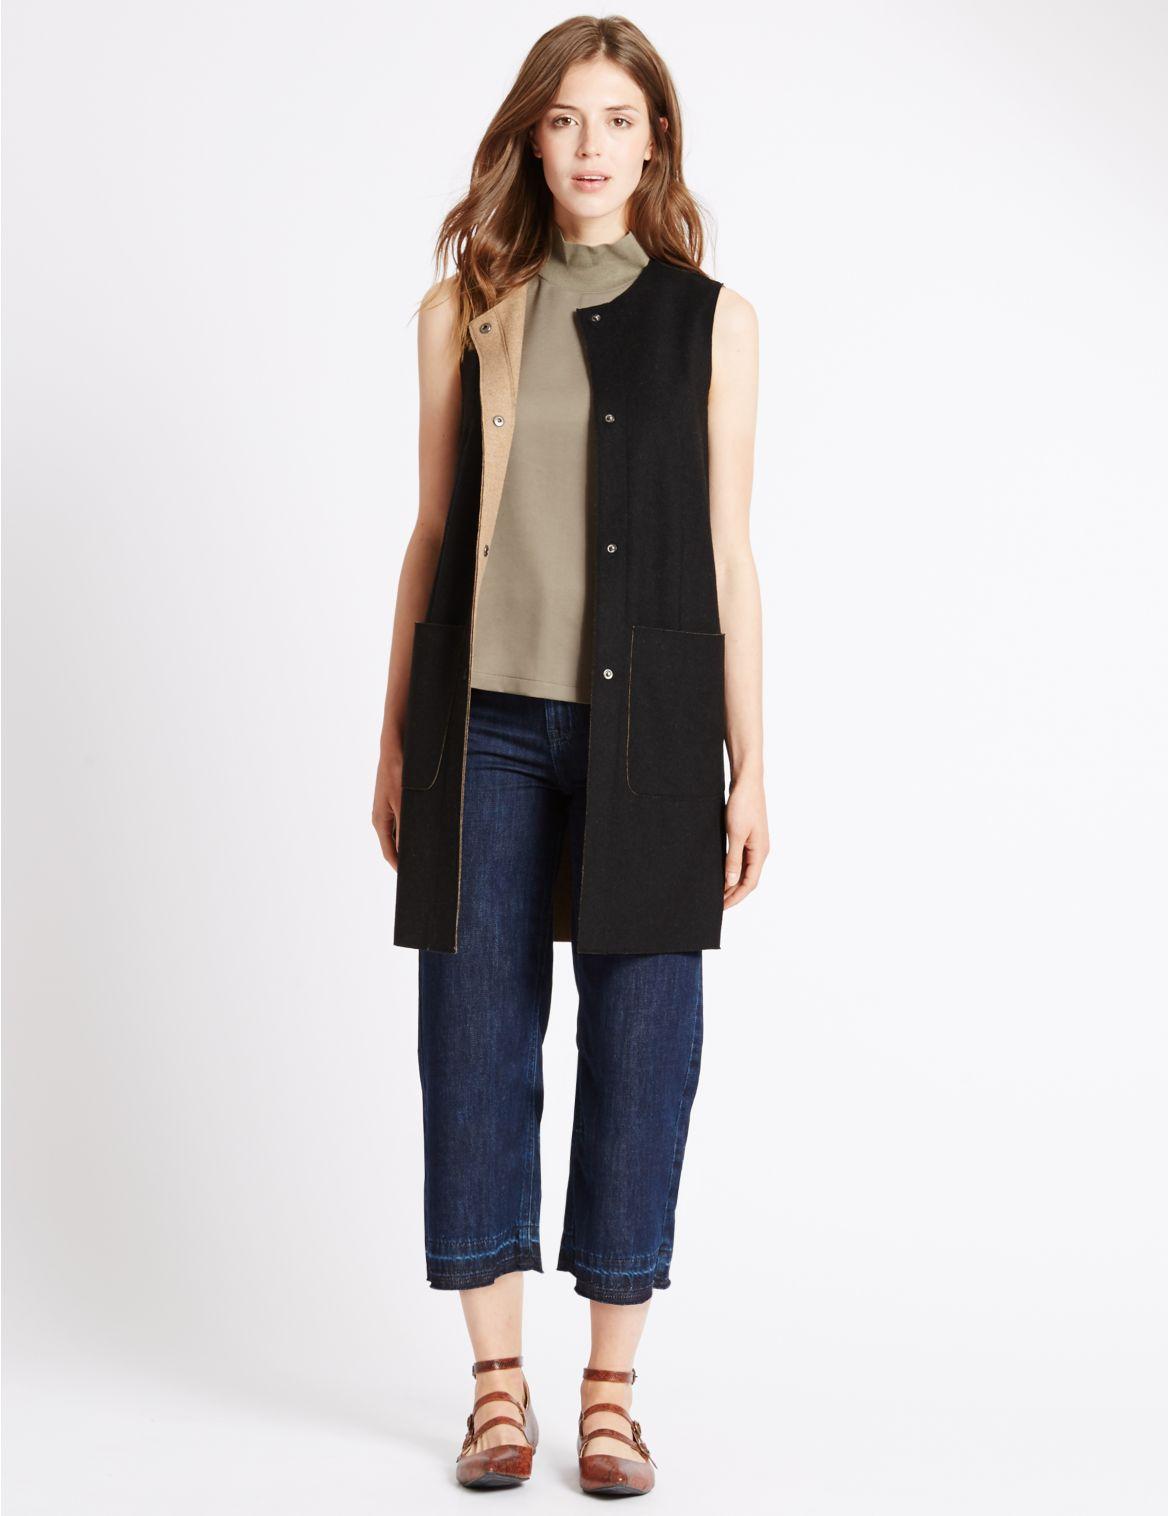 Dubbelzijdig draagbare jas zonder